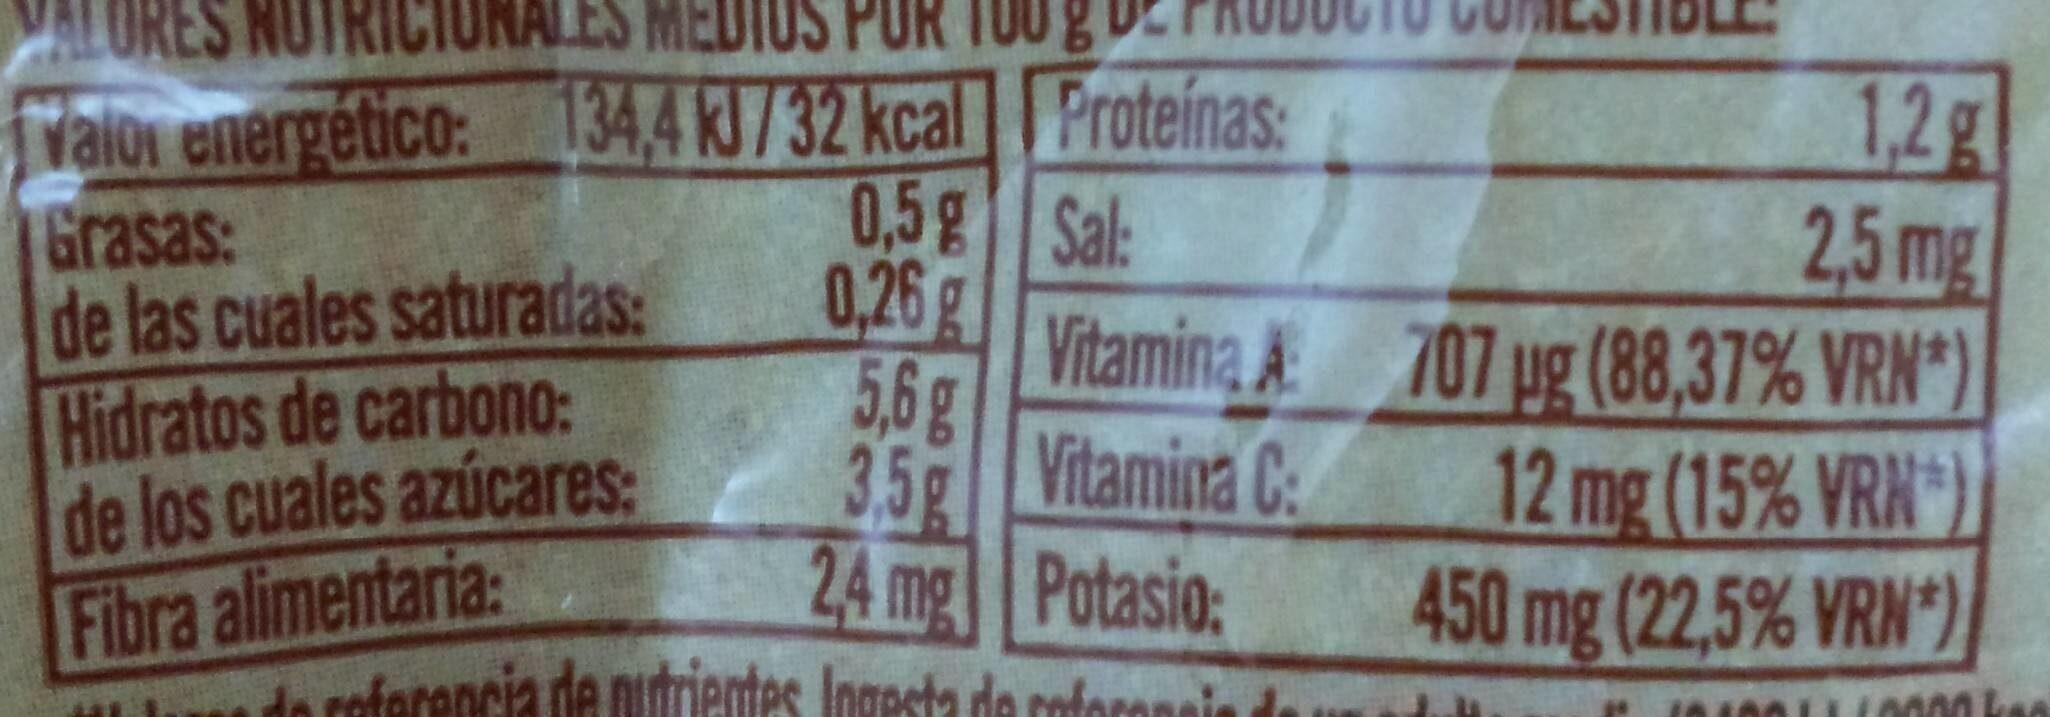 Calabaza fresca - Informació nutricional - es